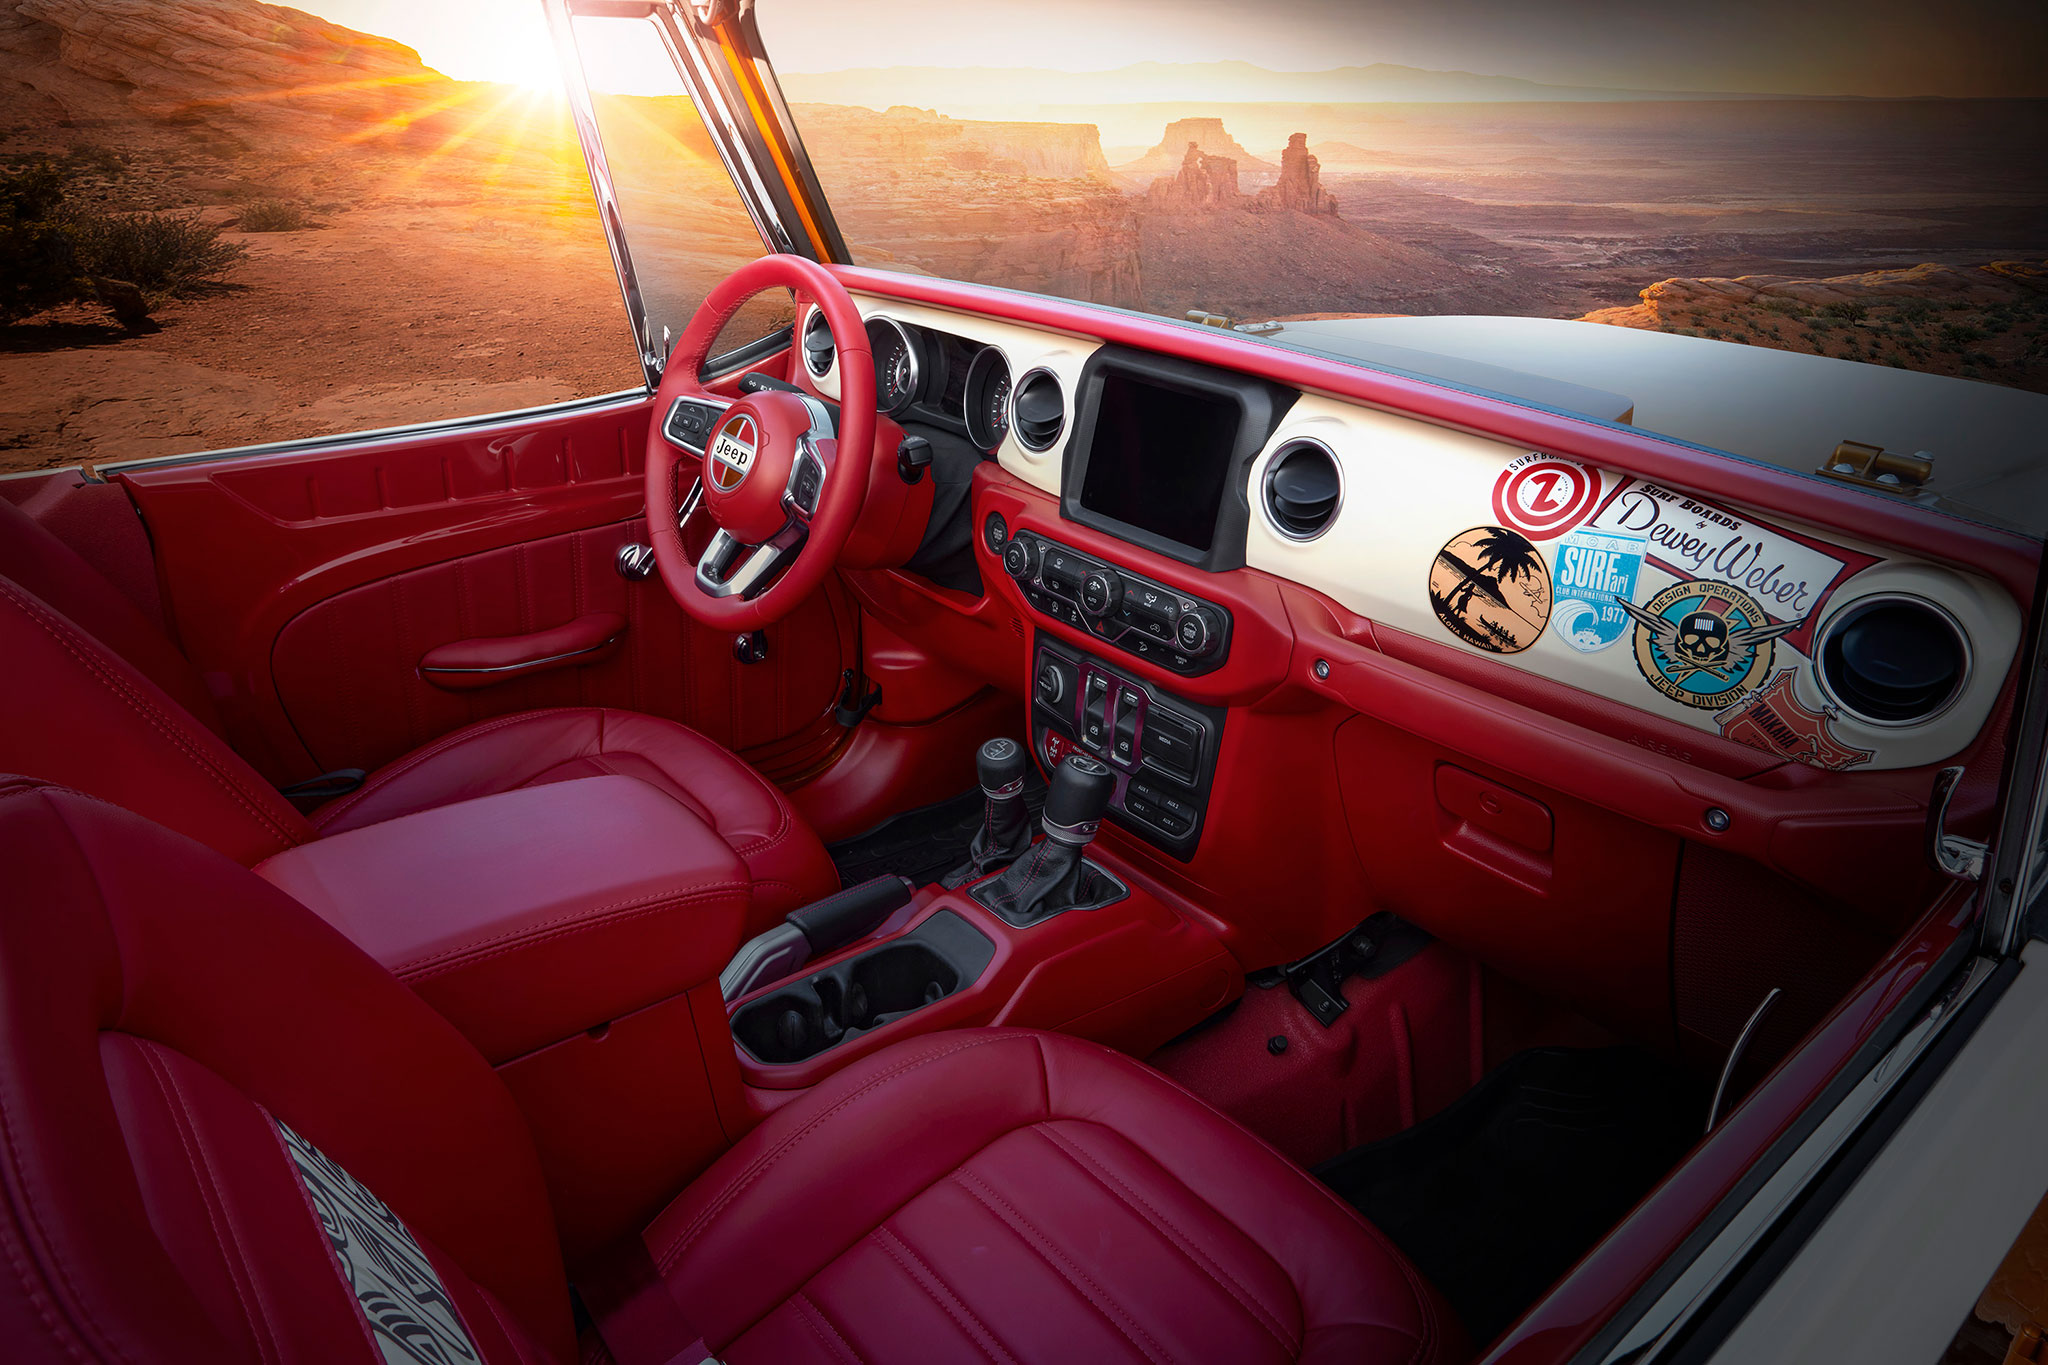 2021 Jeepster Beach Resto Mod Concept détail intérieur et tableau de bord - Concept Cars de Jeep®.